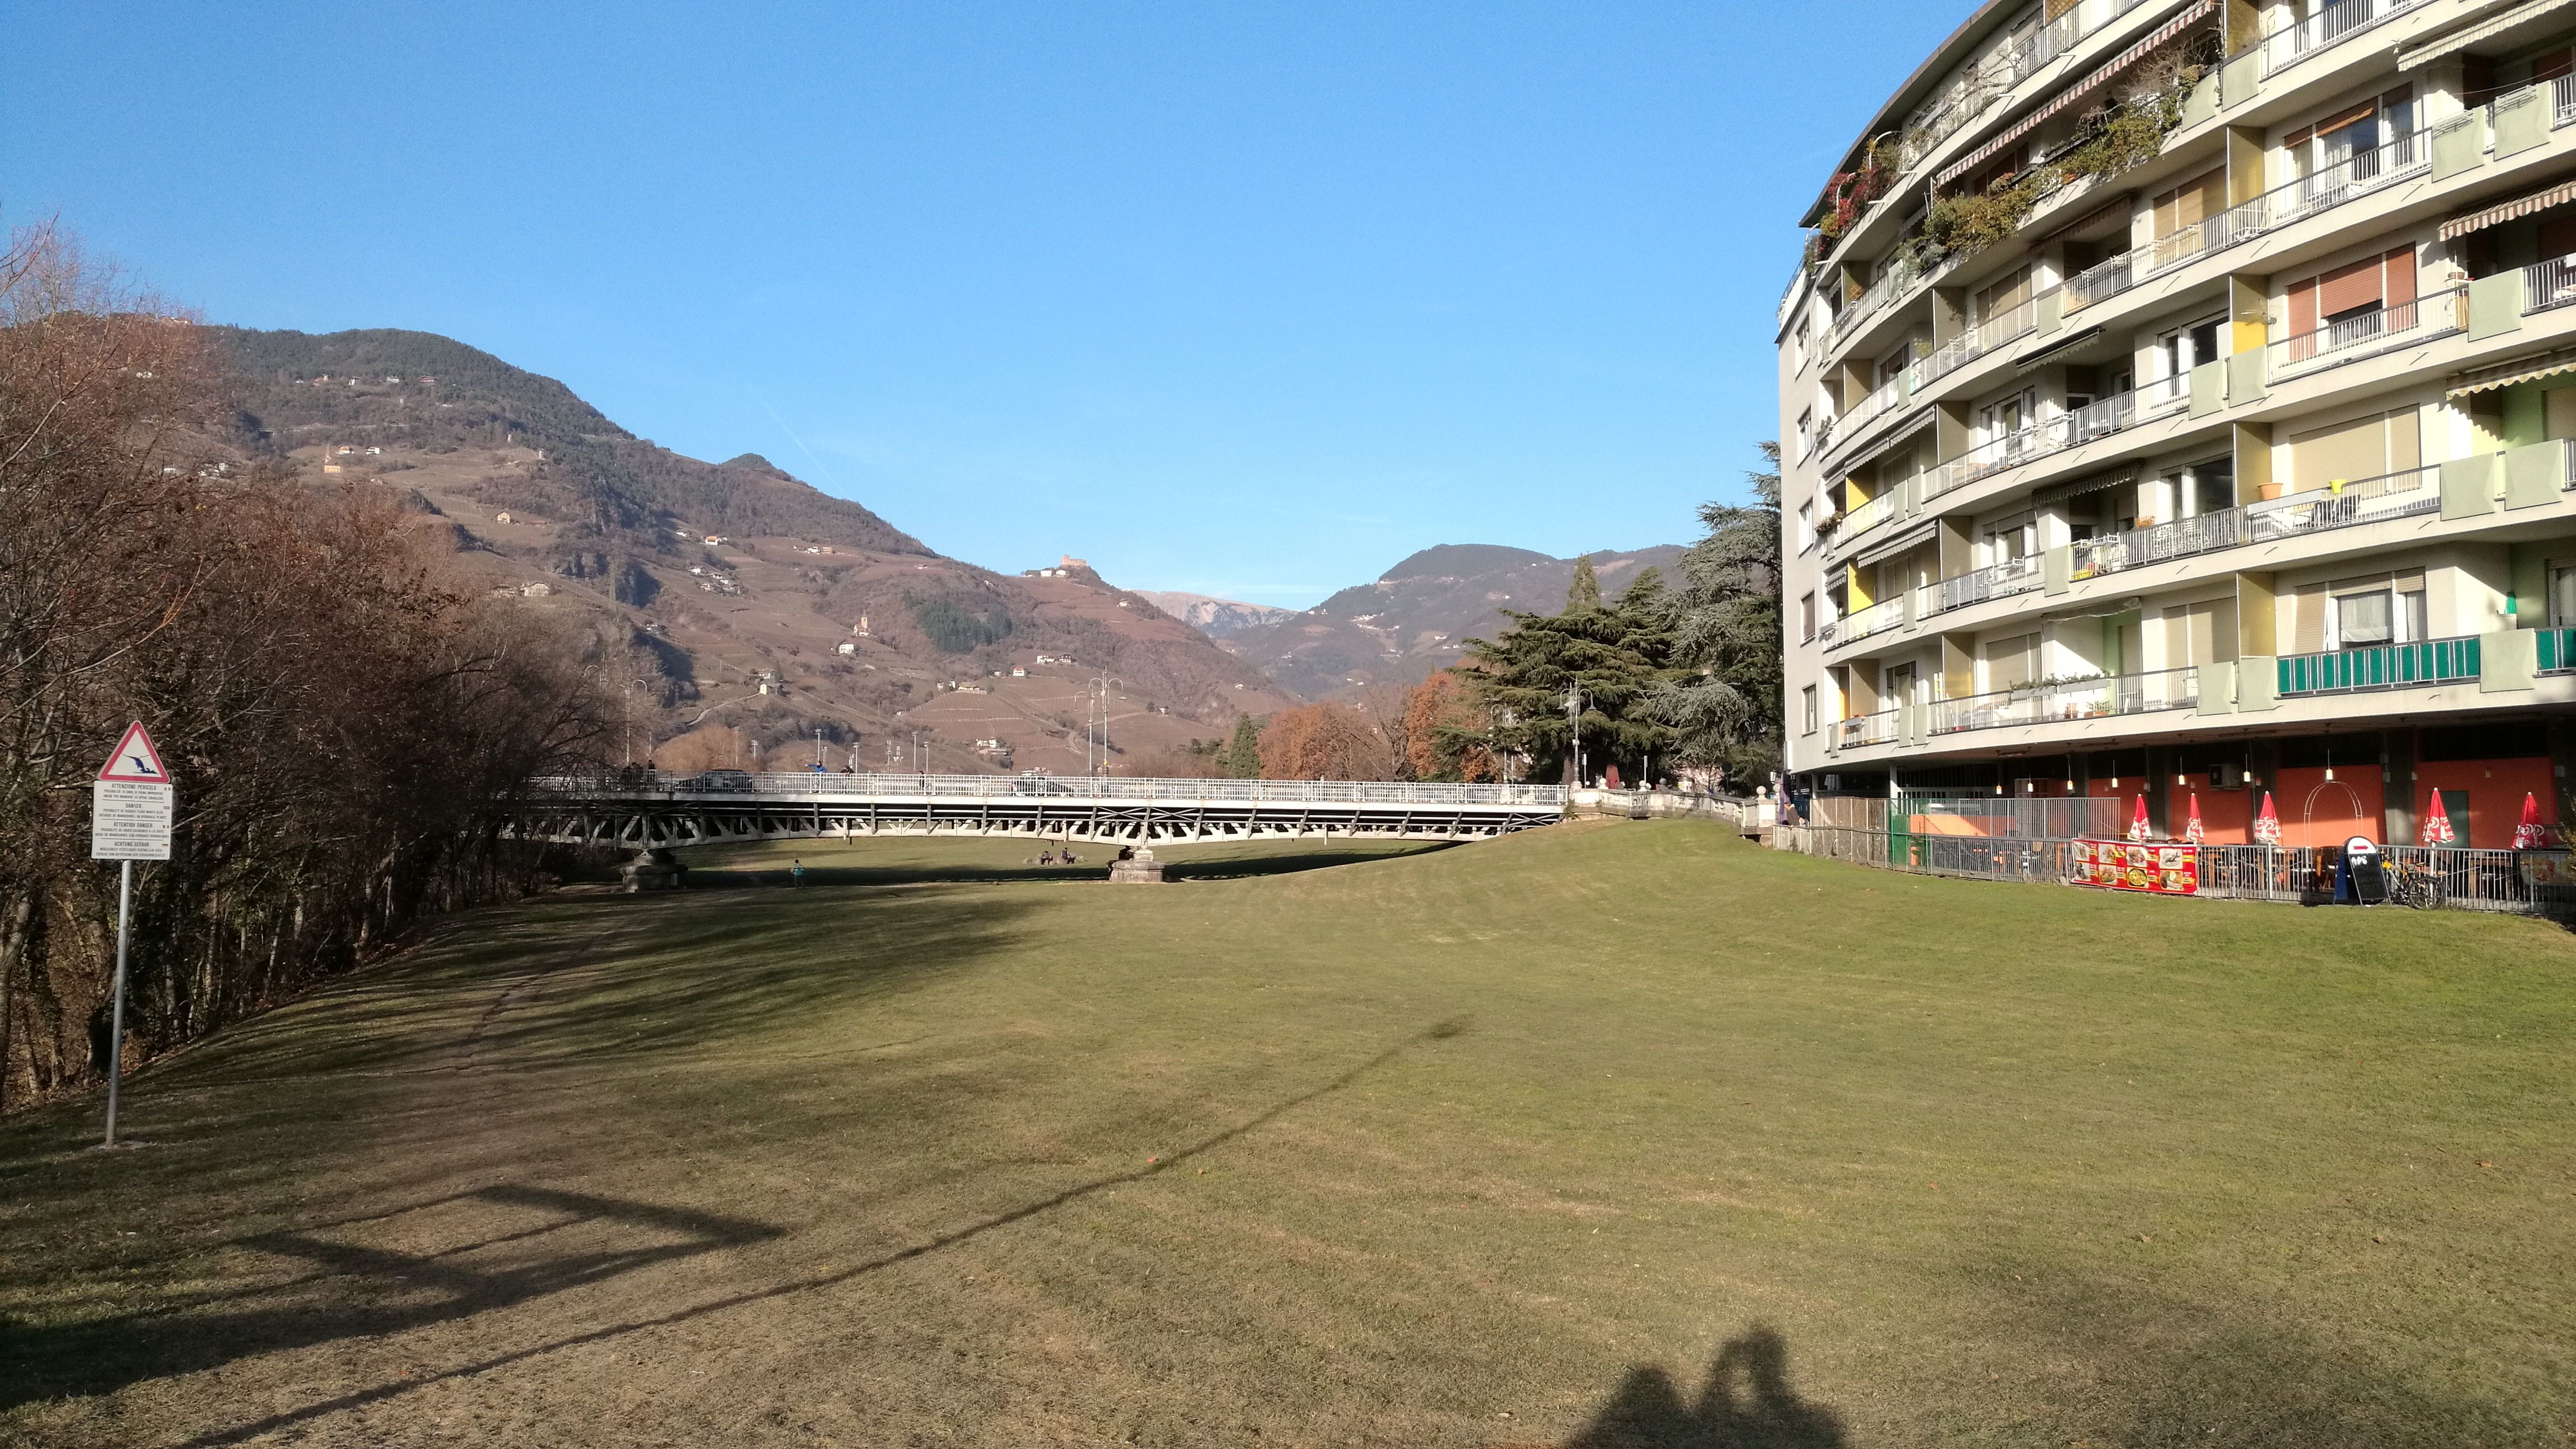 El paseo junto al río en Bolzano